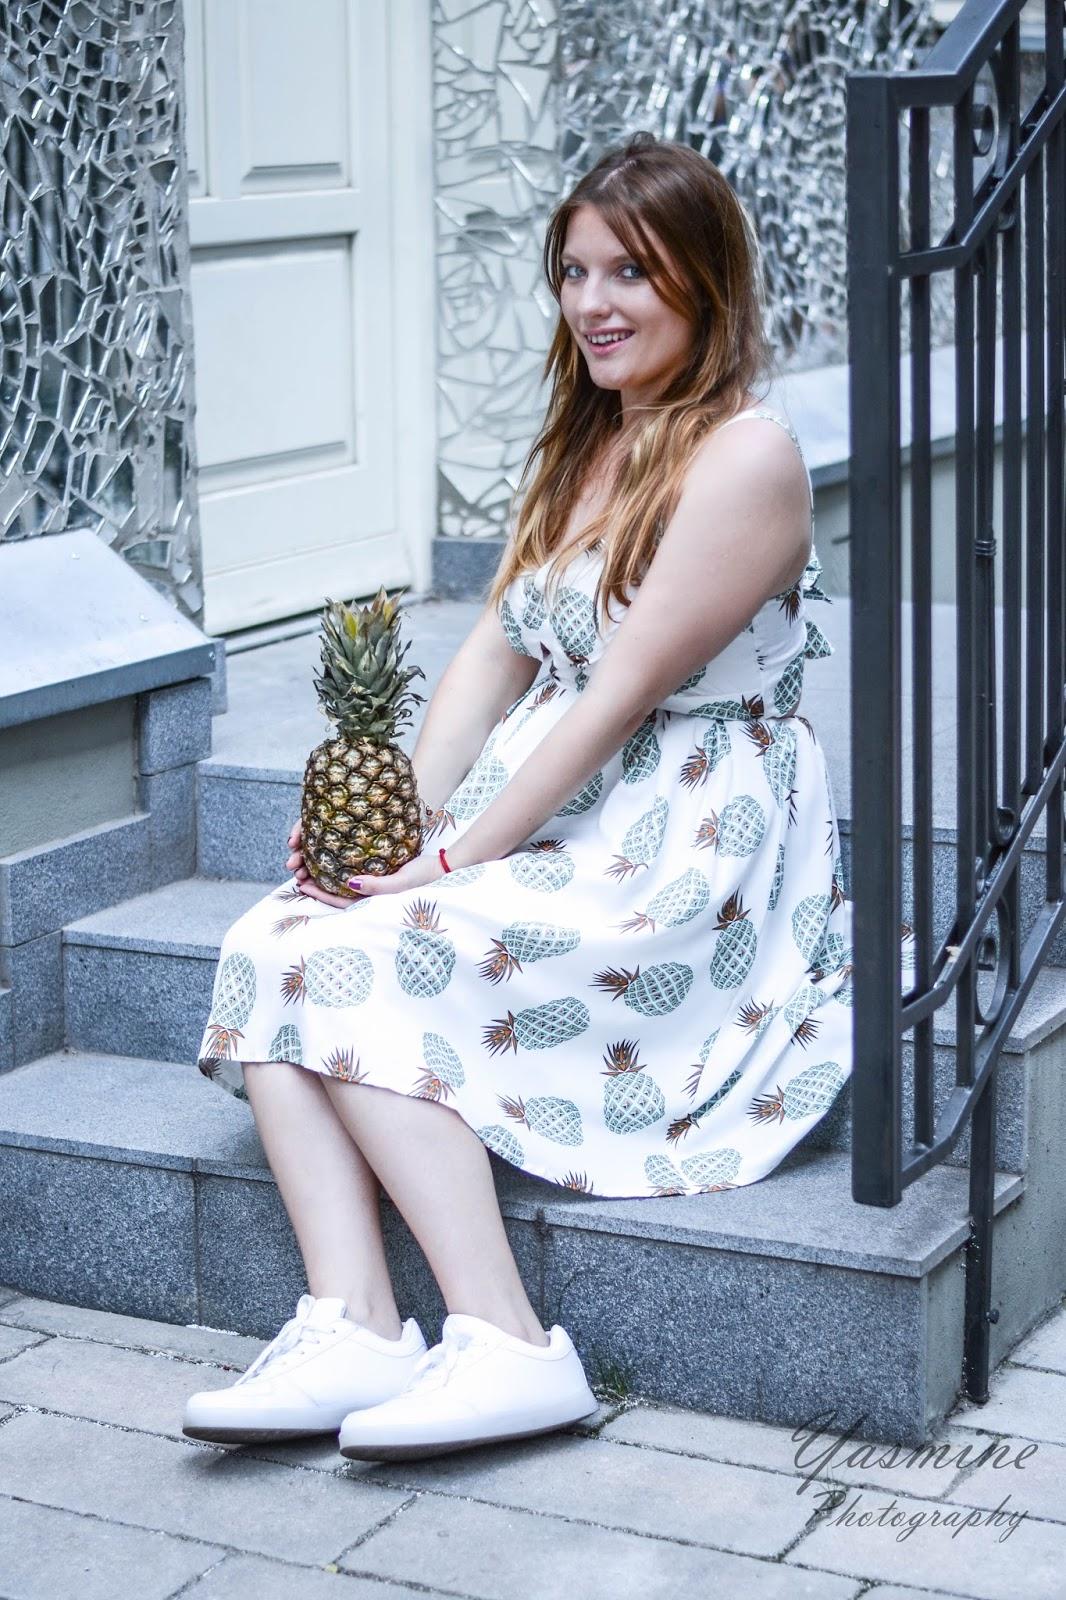 czy warto kupowac na stronach chińskich sklepów zaful sammydress dresslink sukienka w ananasy chińskie sklepy internetowe jakość pineapple dress fashion style melodylaniella yasmine photography f